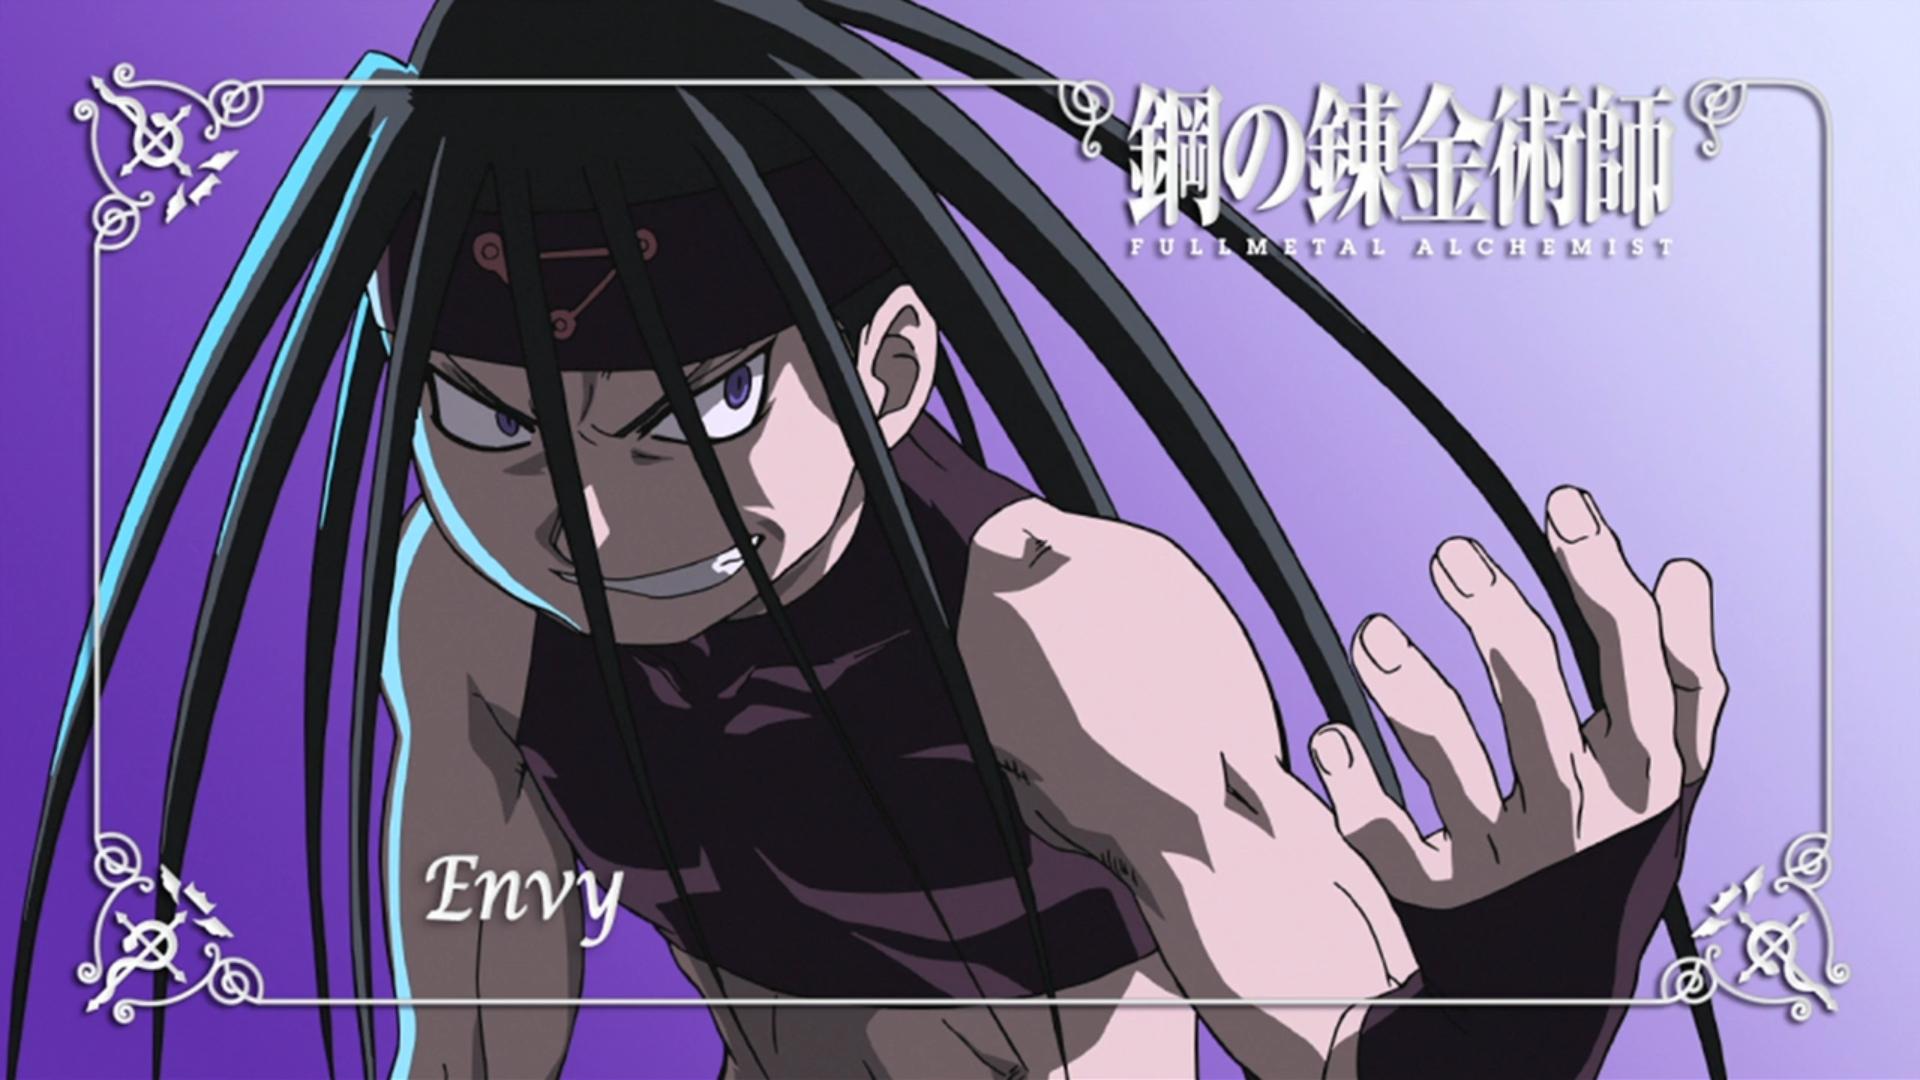 Illustration Anime Cartoon Comics Fullmetal Alchemist Brotherhood Envy Mangaka